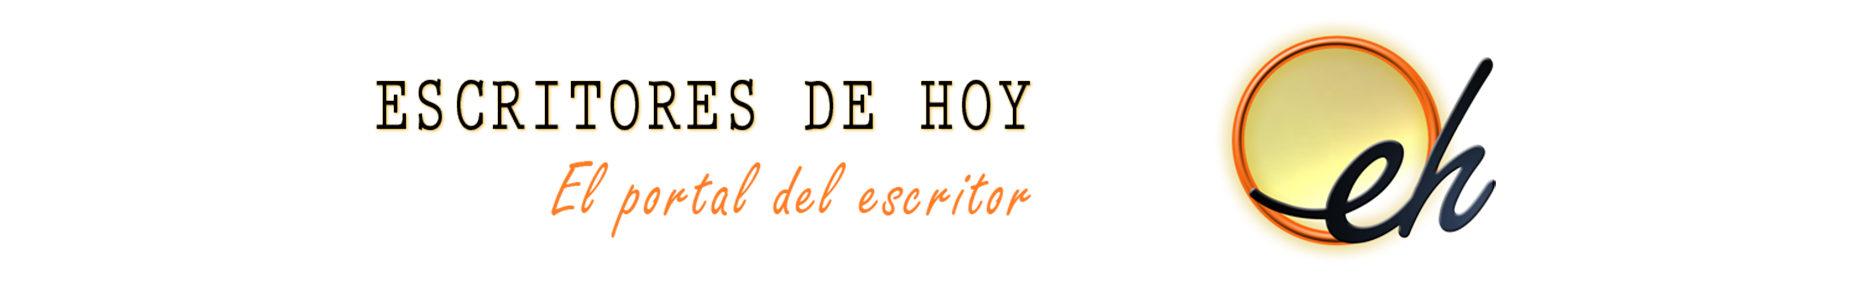 Servicios editoriales | escritoresdehoy.com